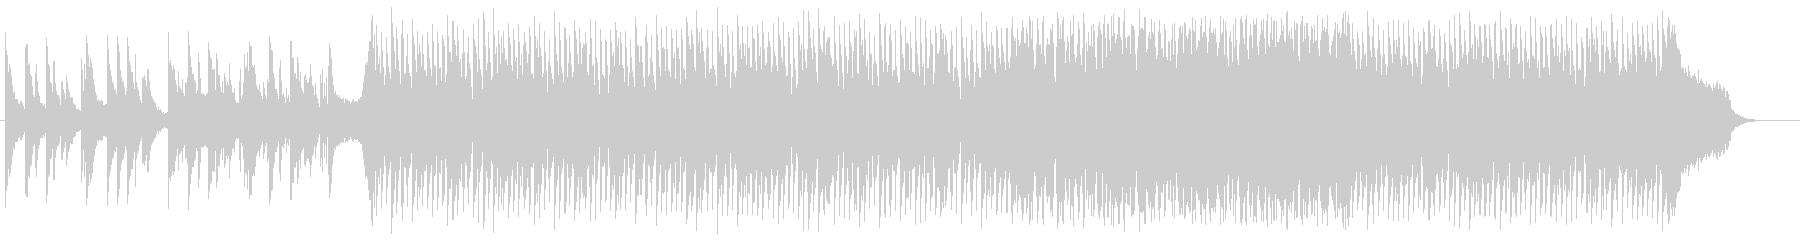 メロウなピアノのEDM:フル版の未再生の波形